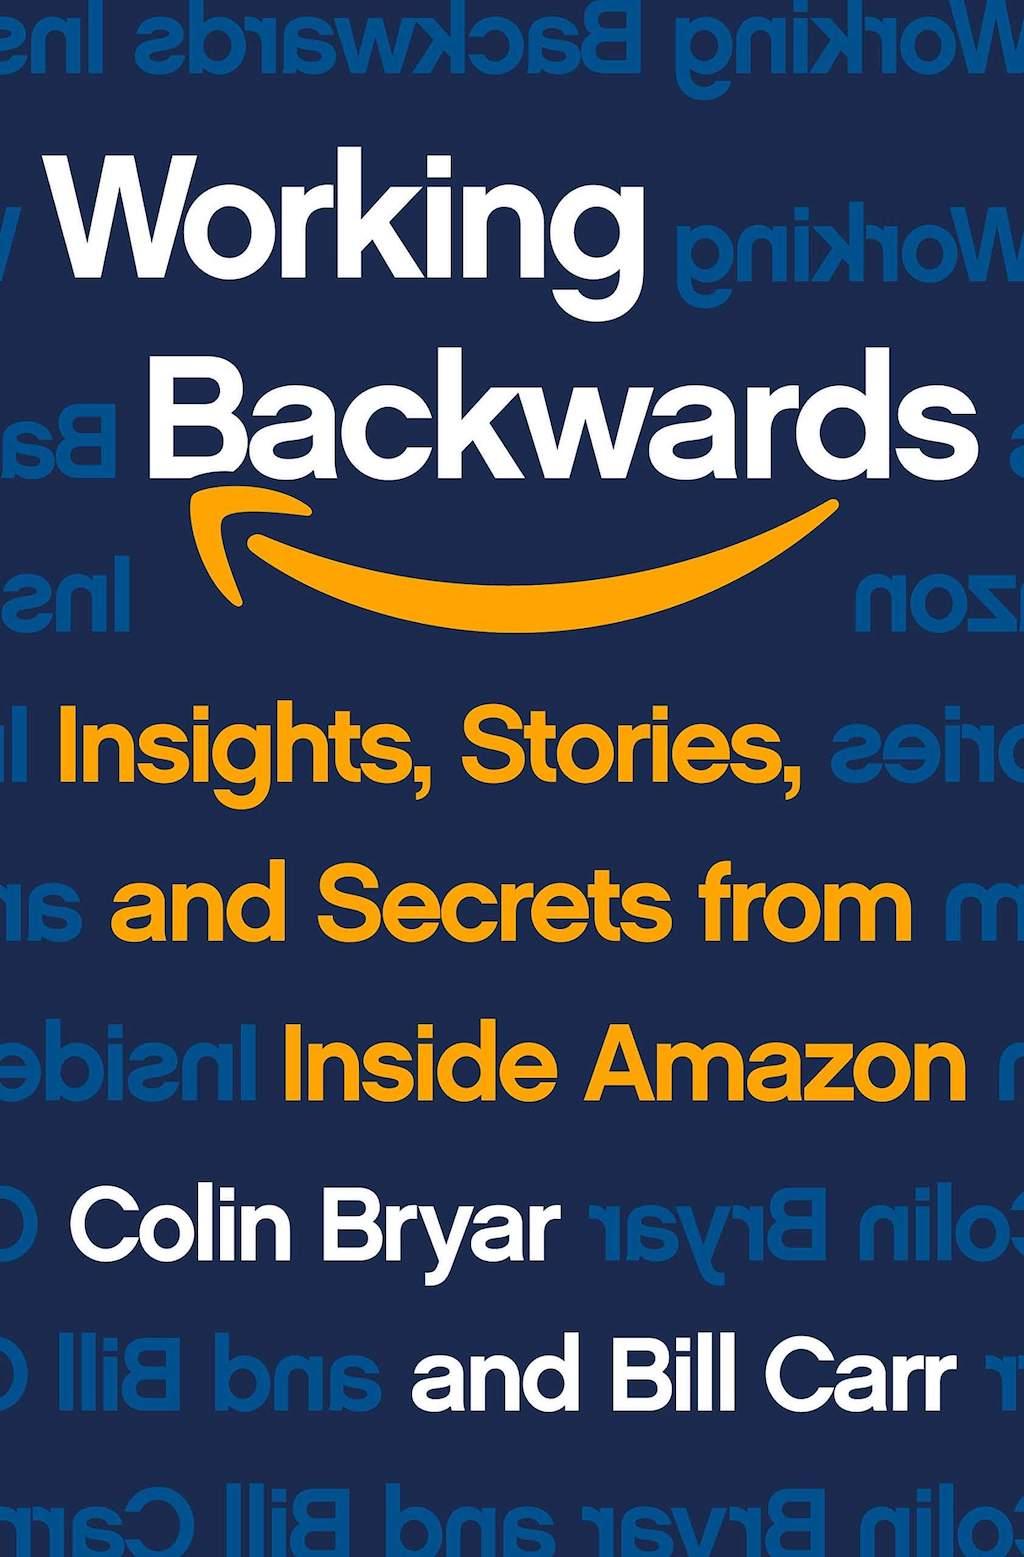 Working Backwards by Colin Bryar & Bill Carr